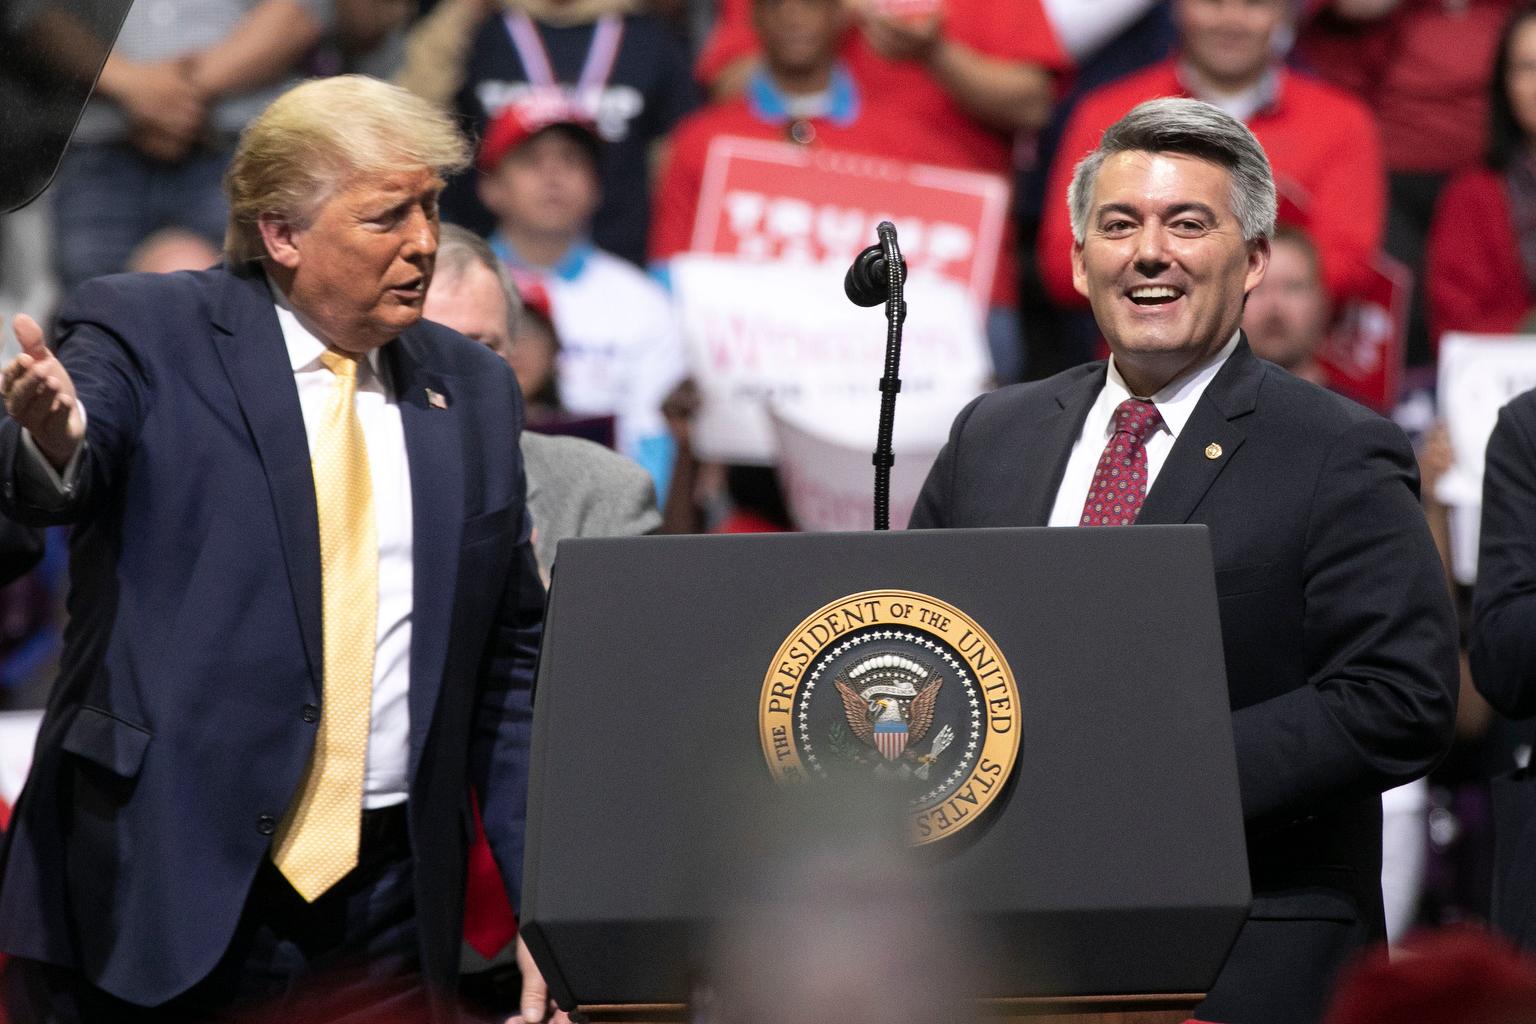 Trump Campaigns In Colorado Springs With Gardner